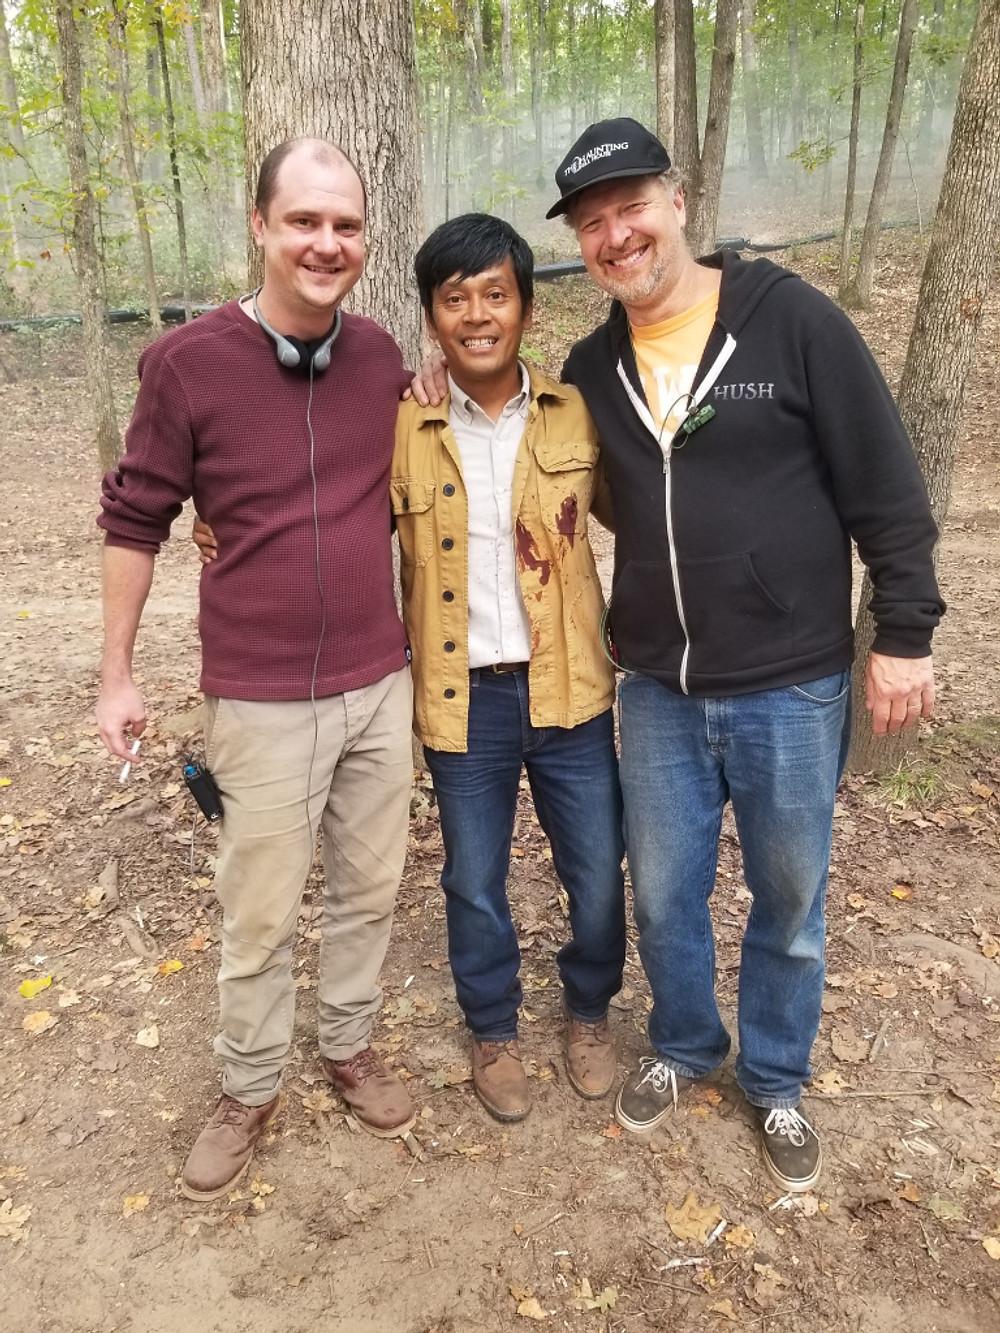 Left to right:  Director Mike Flanagan, Met Clark - Actor, Stunt Coordinator Chuck Borden